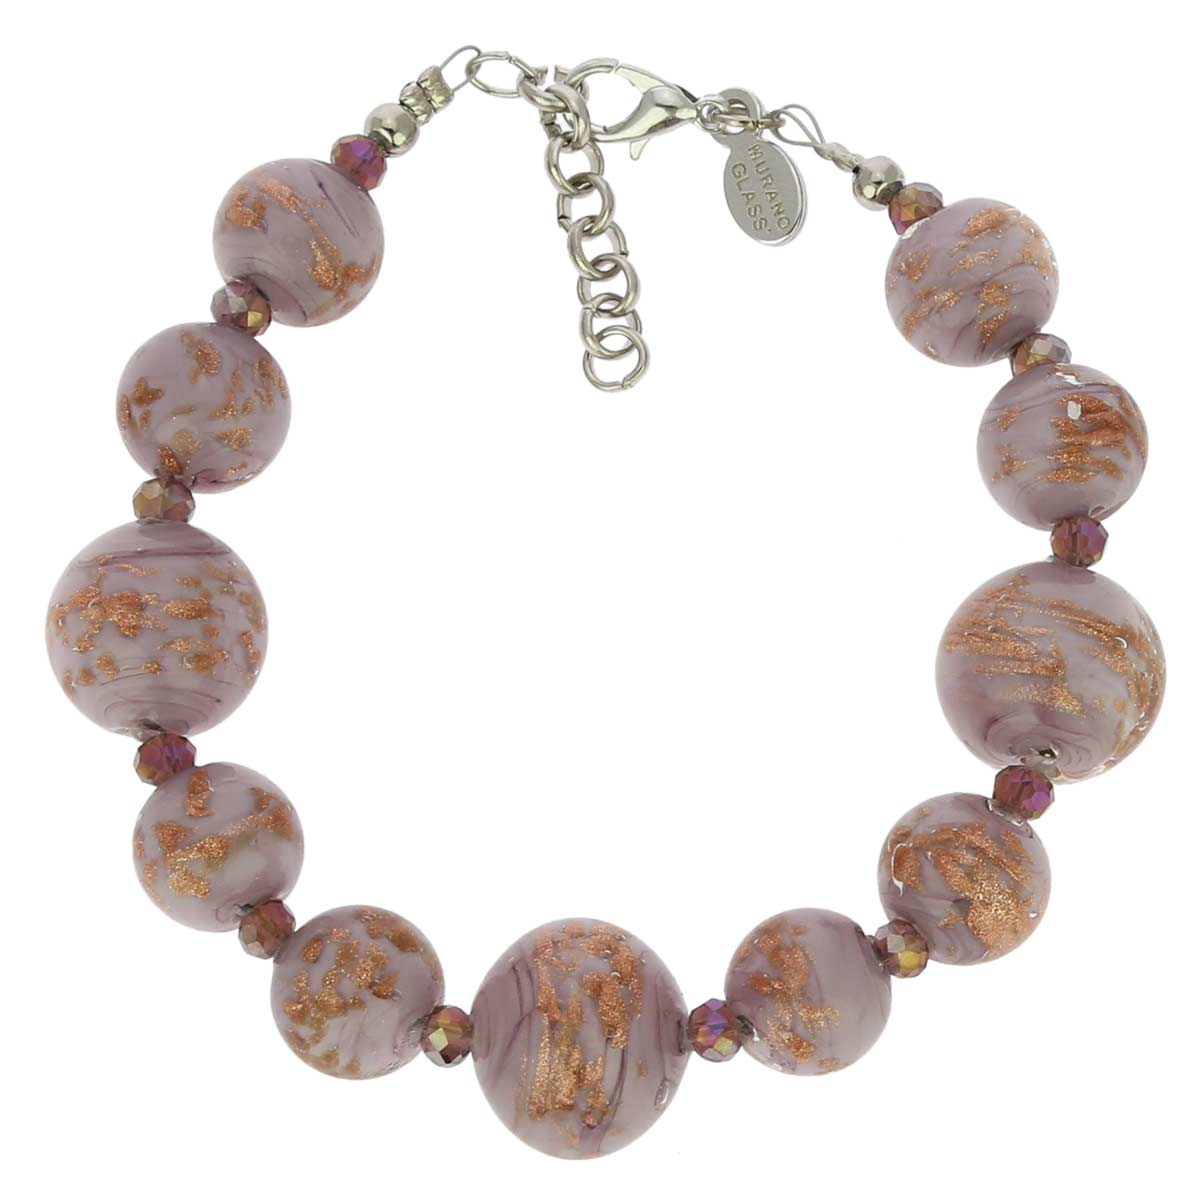 Starlight Balls Murano Bracelet - Amethyst